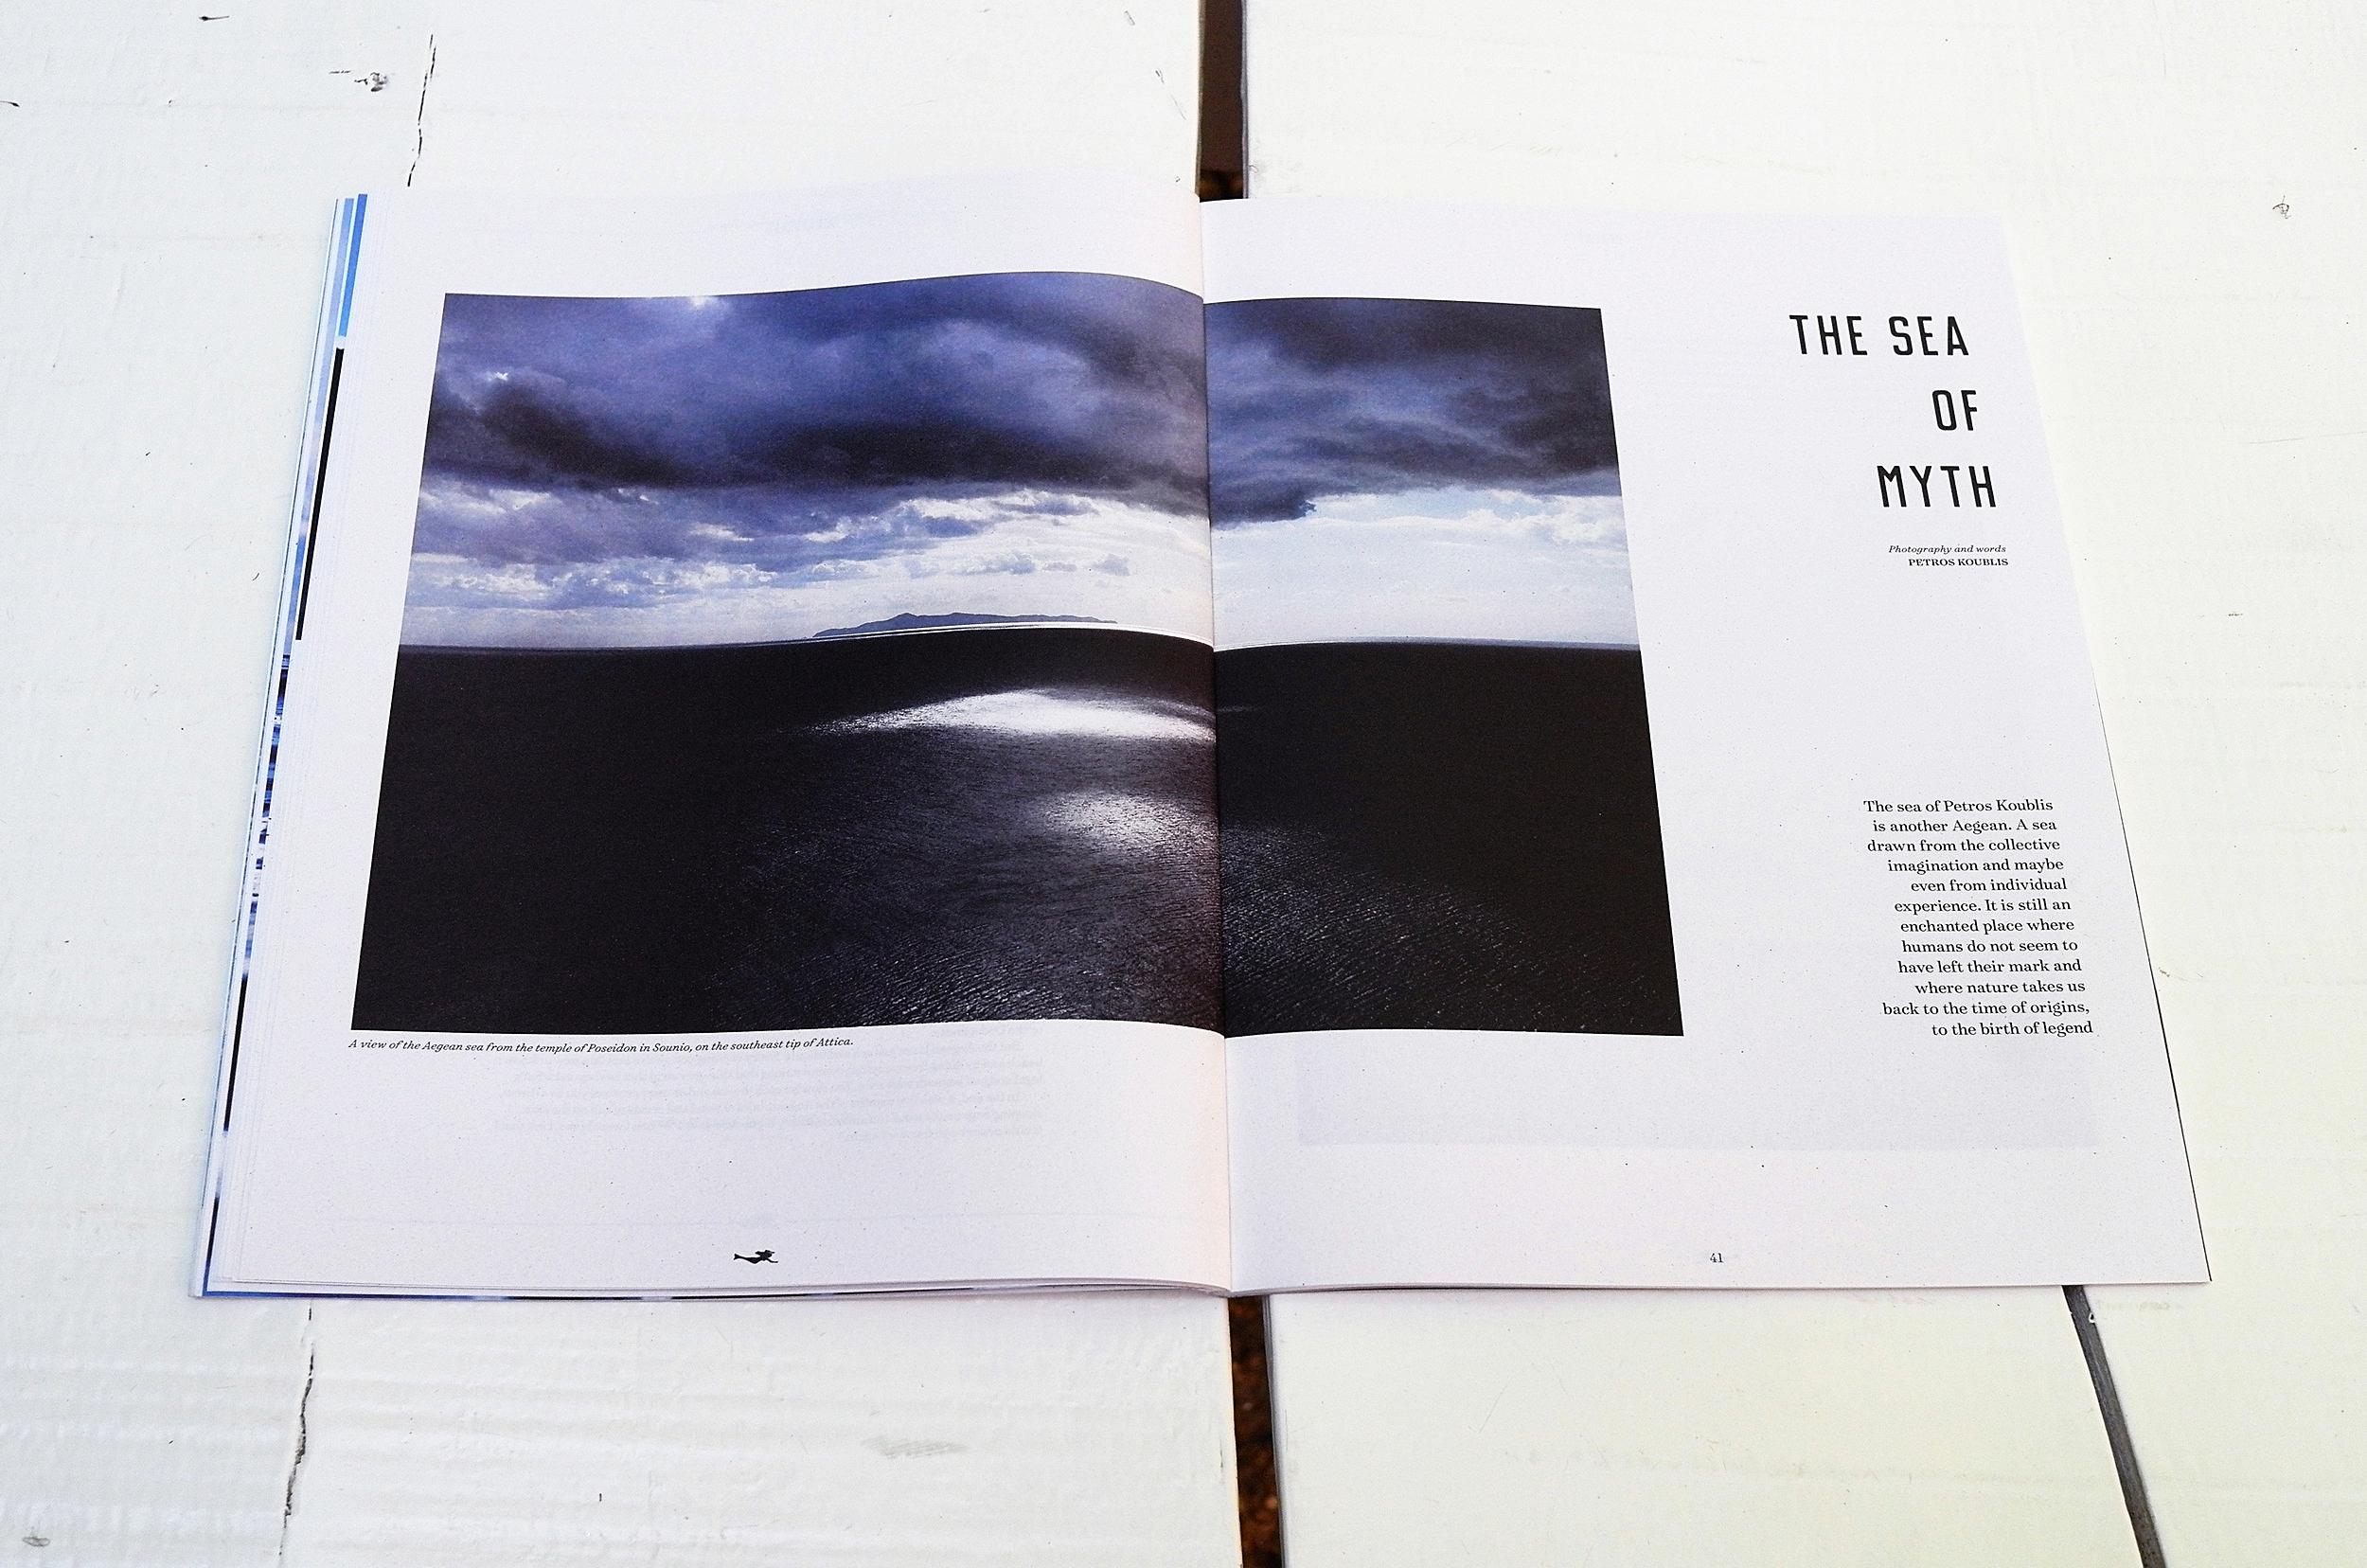 SIRENE n7 promo page 40-41 1.jpg